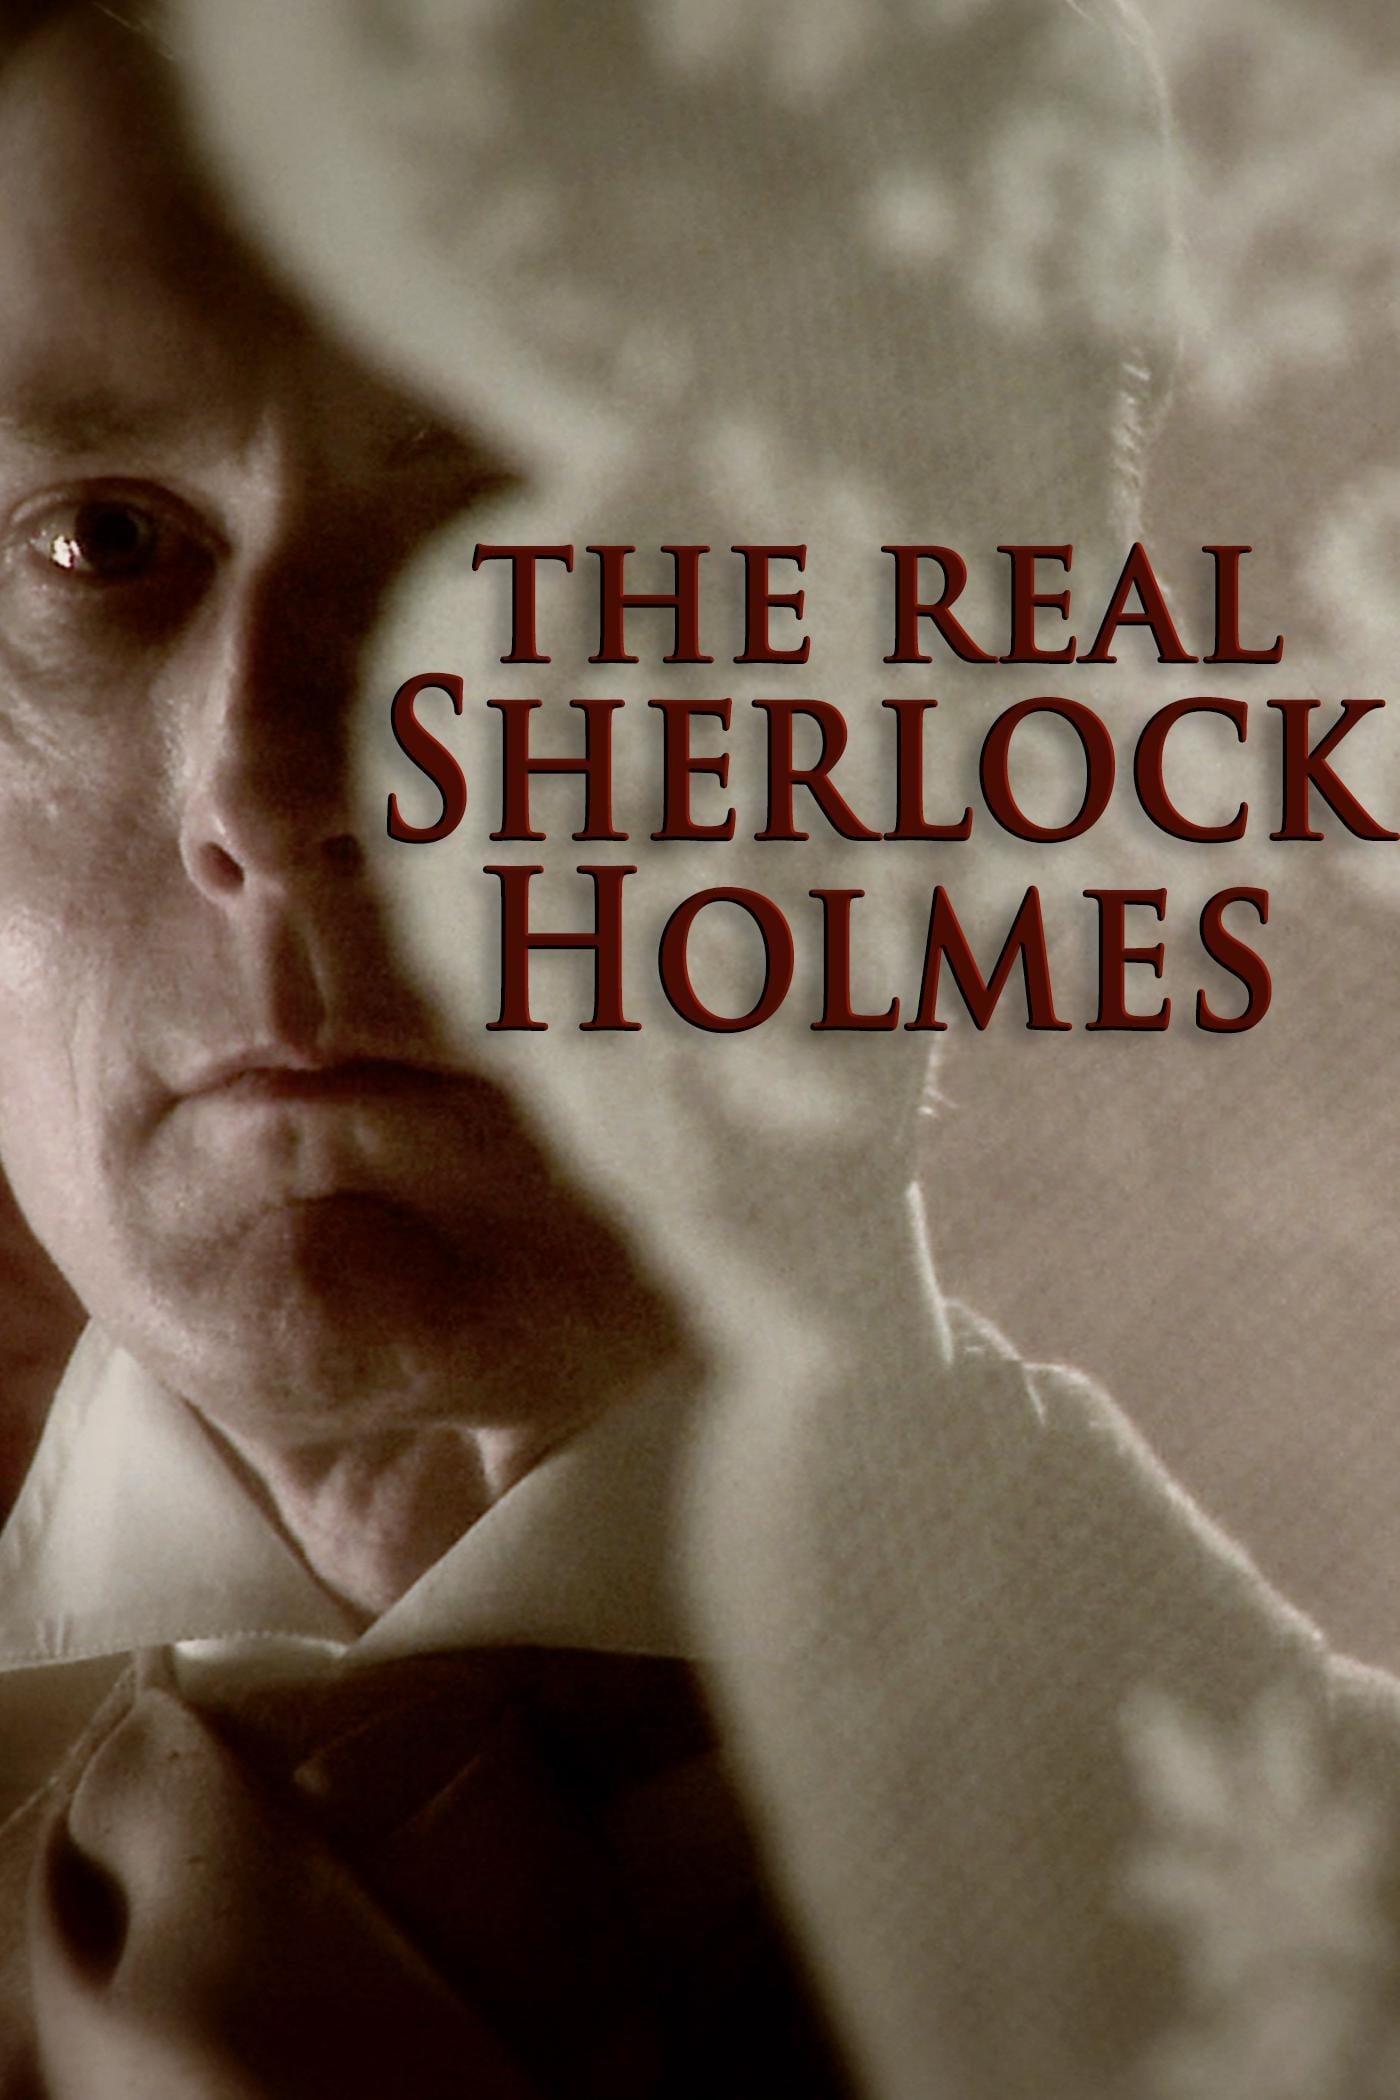 Sherlock Holmes: Ficción o realidad